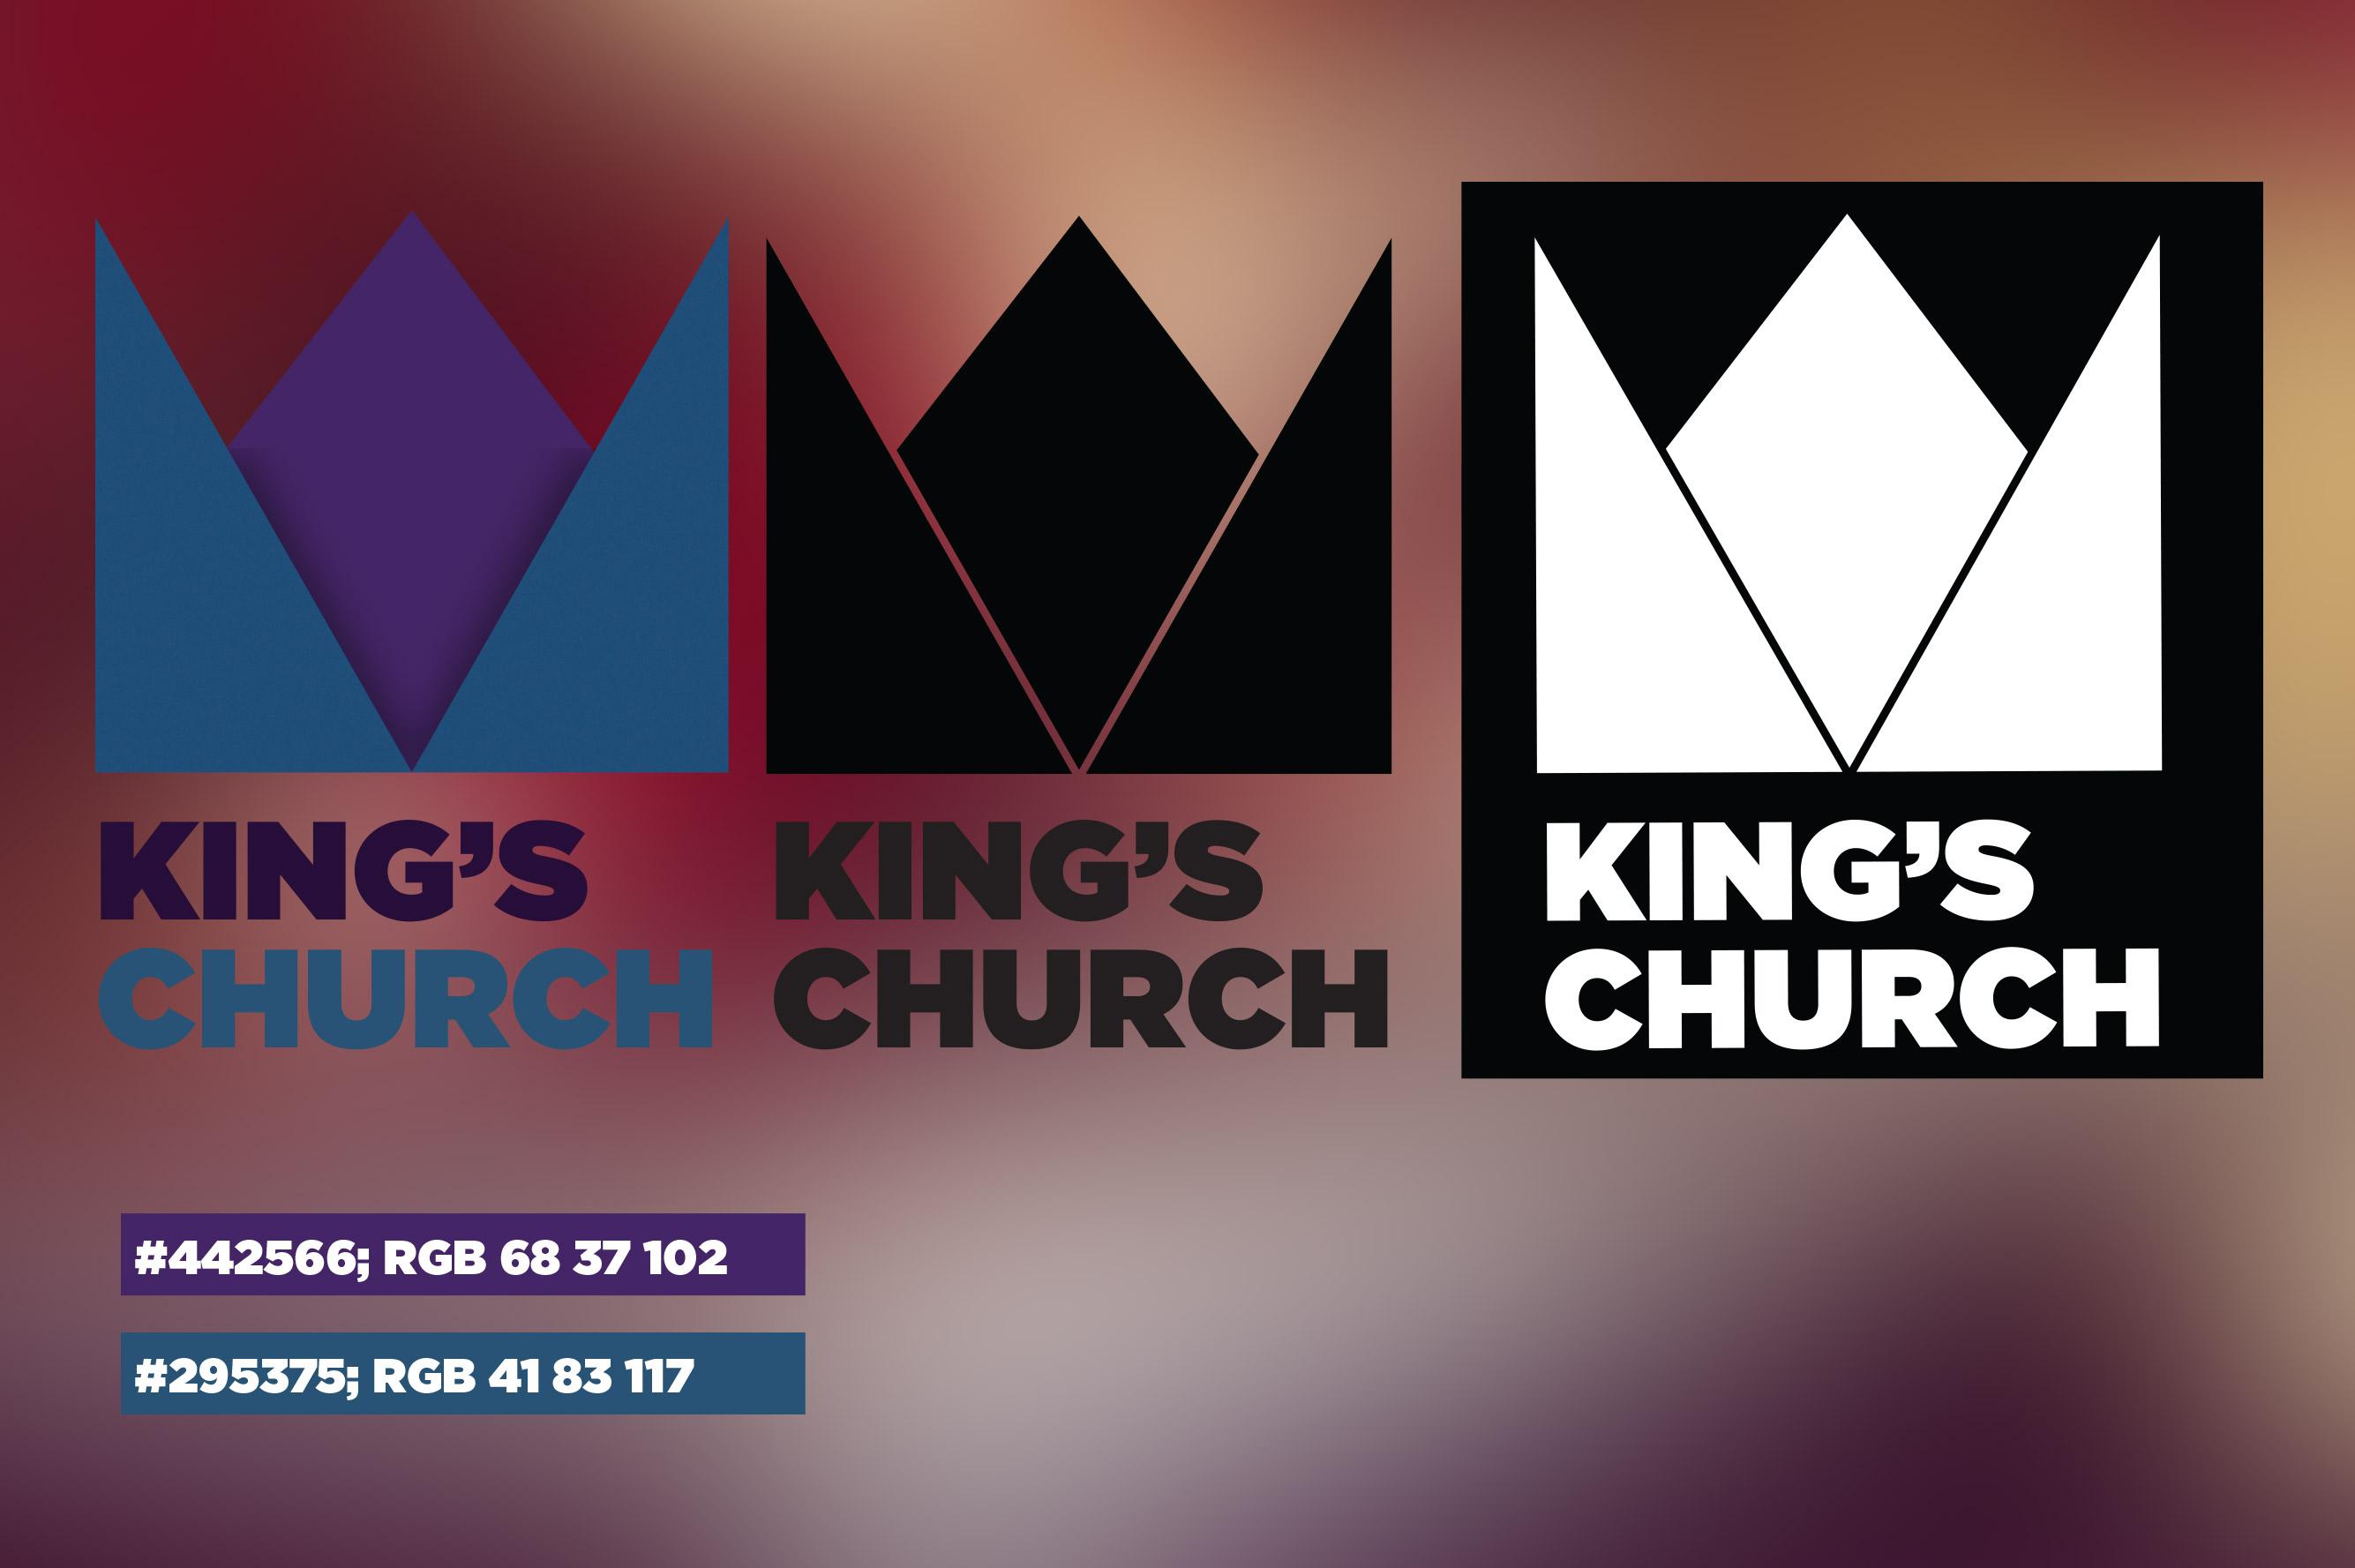 kings-church-companion